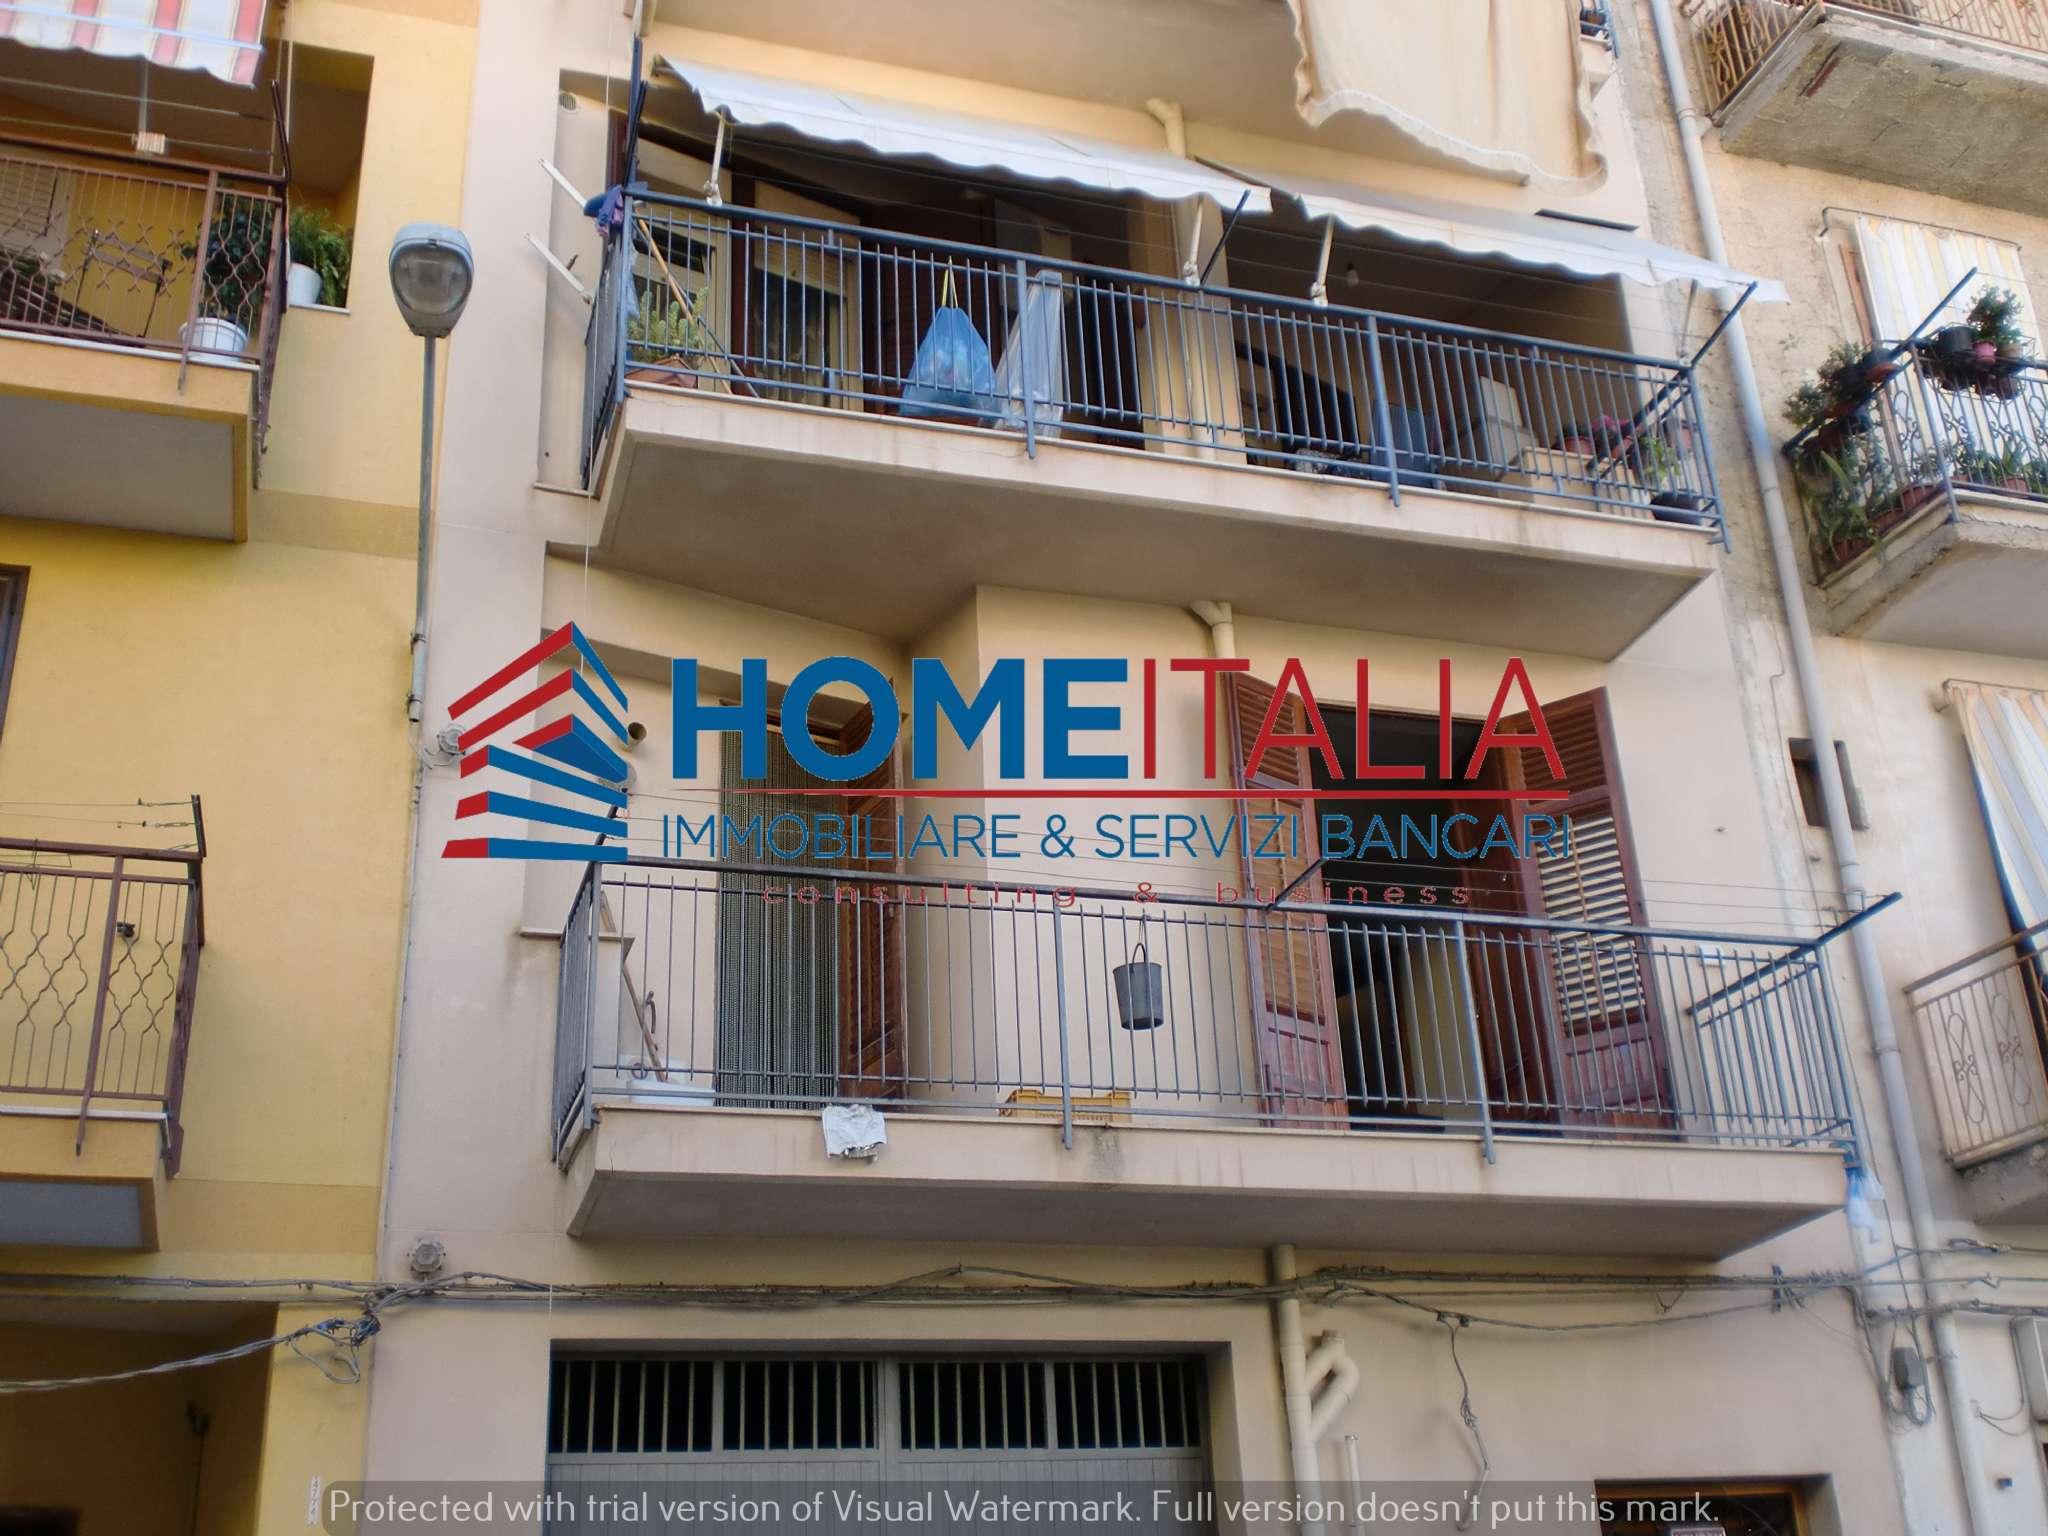 Appartamento in vendita a Bagheria, 6 locali, prezzo € 105.000 | PortaleAgenzieImmobiliari.it